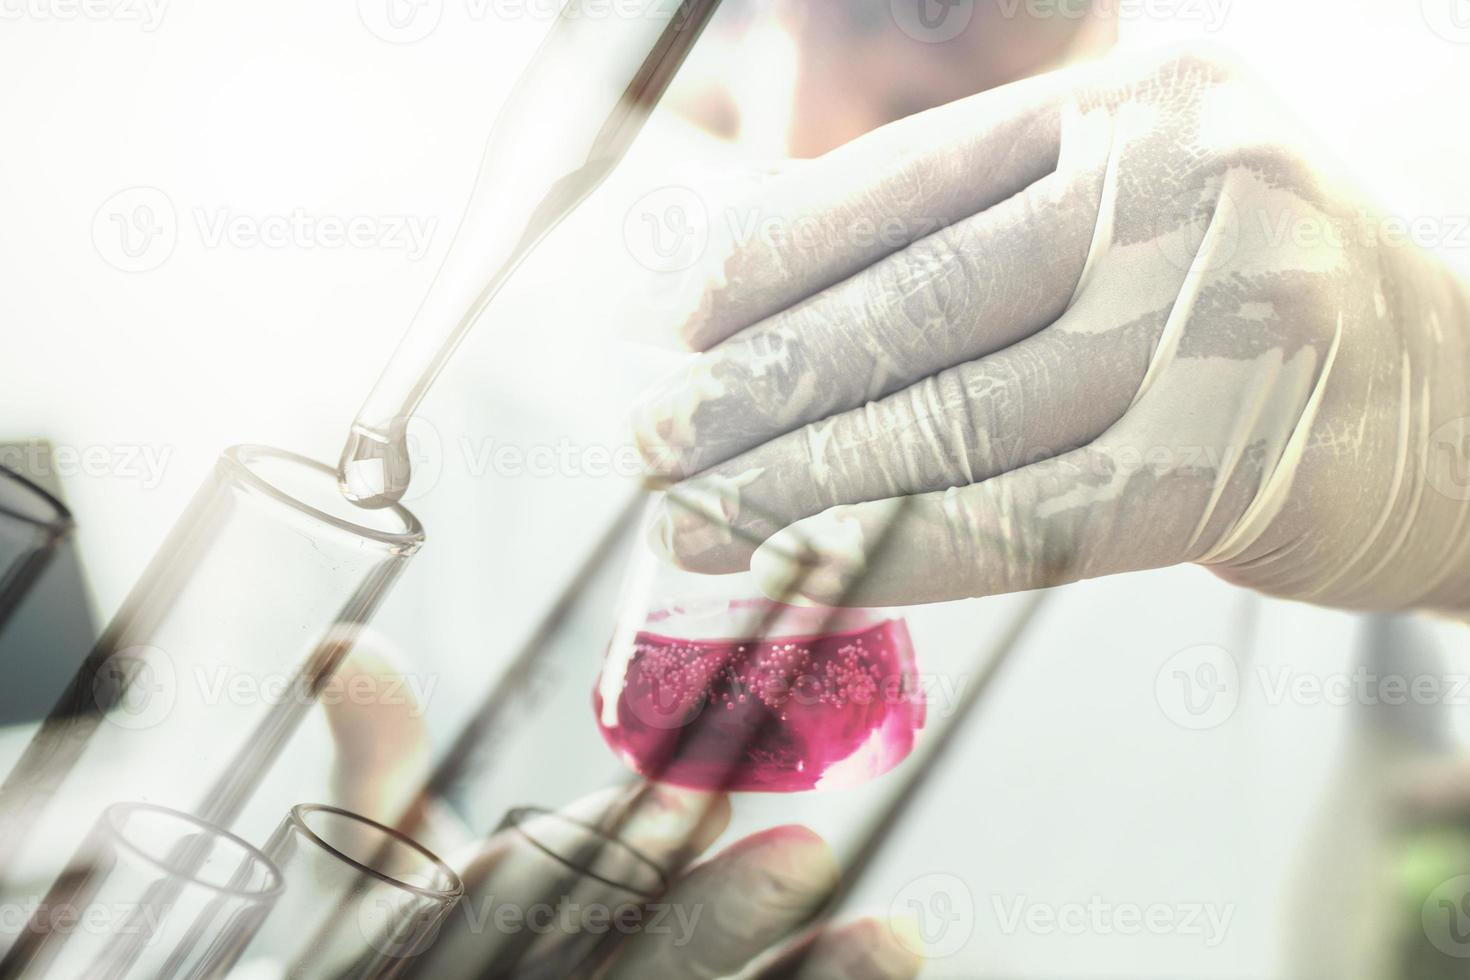 Experimento o científico sosteniendo el tubo de ensayo en el laboratorio de ciencias foto